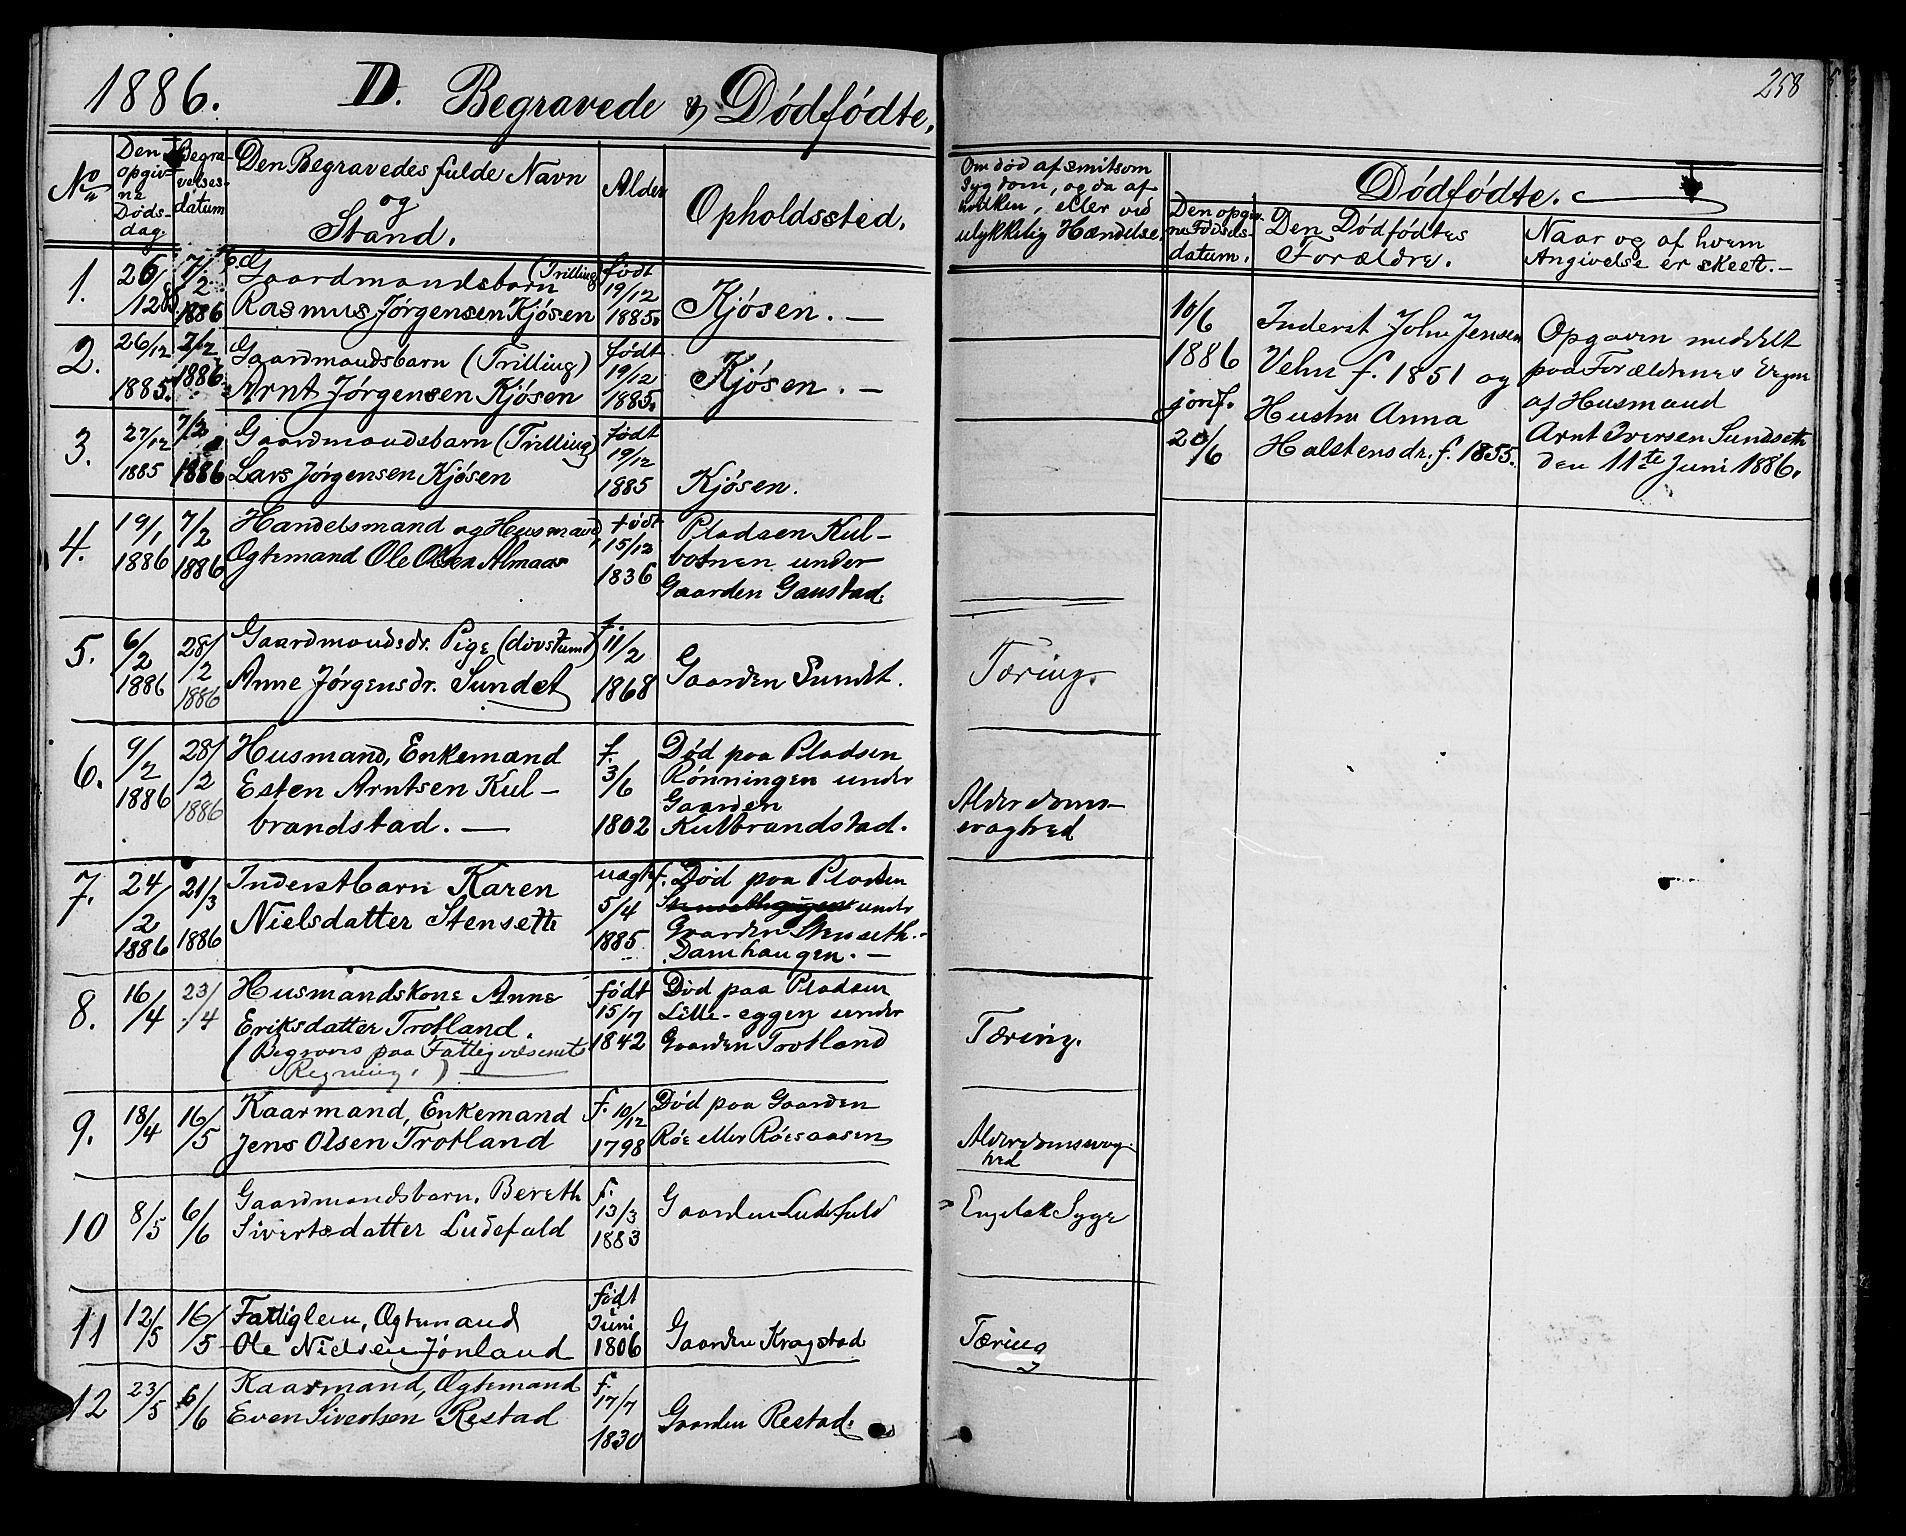 SAT, Ministerialprotokoller, klokkerbøker og fødselsregistre - Sør-Trøndelag, 694/L1131: Klokkerbok nr. 694C03, 1858-1886, s. 258